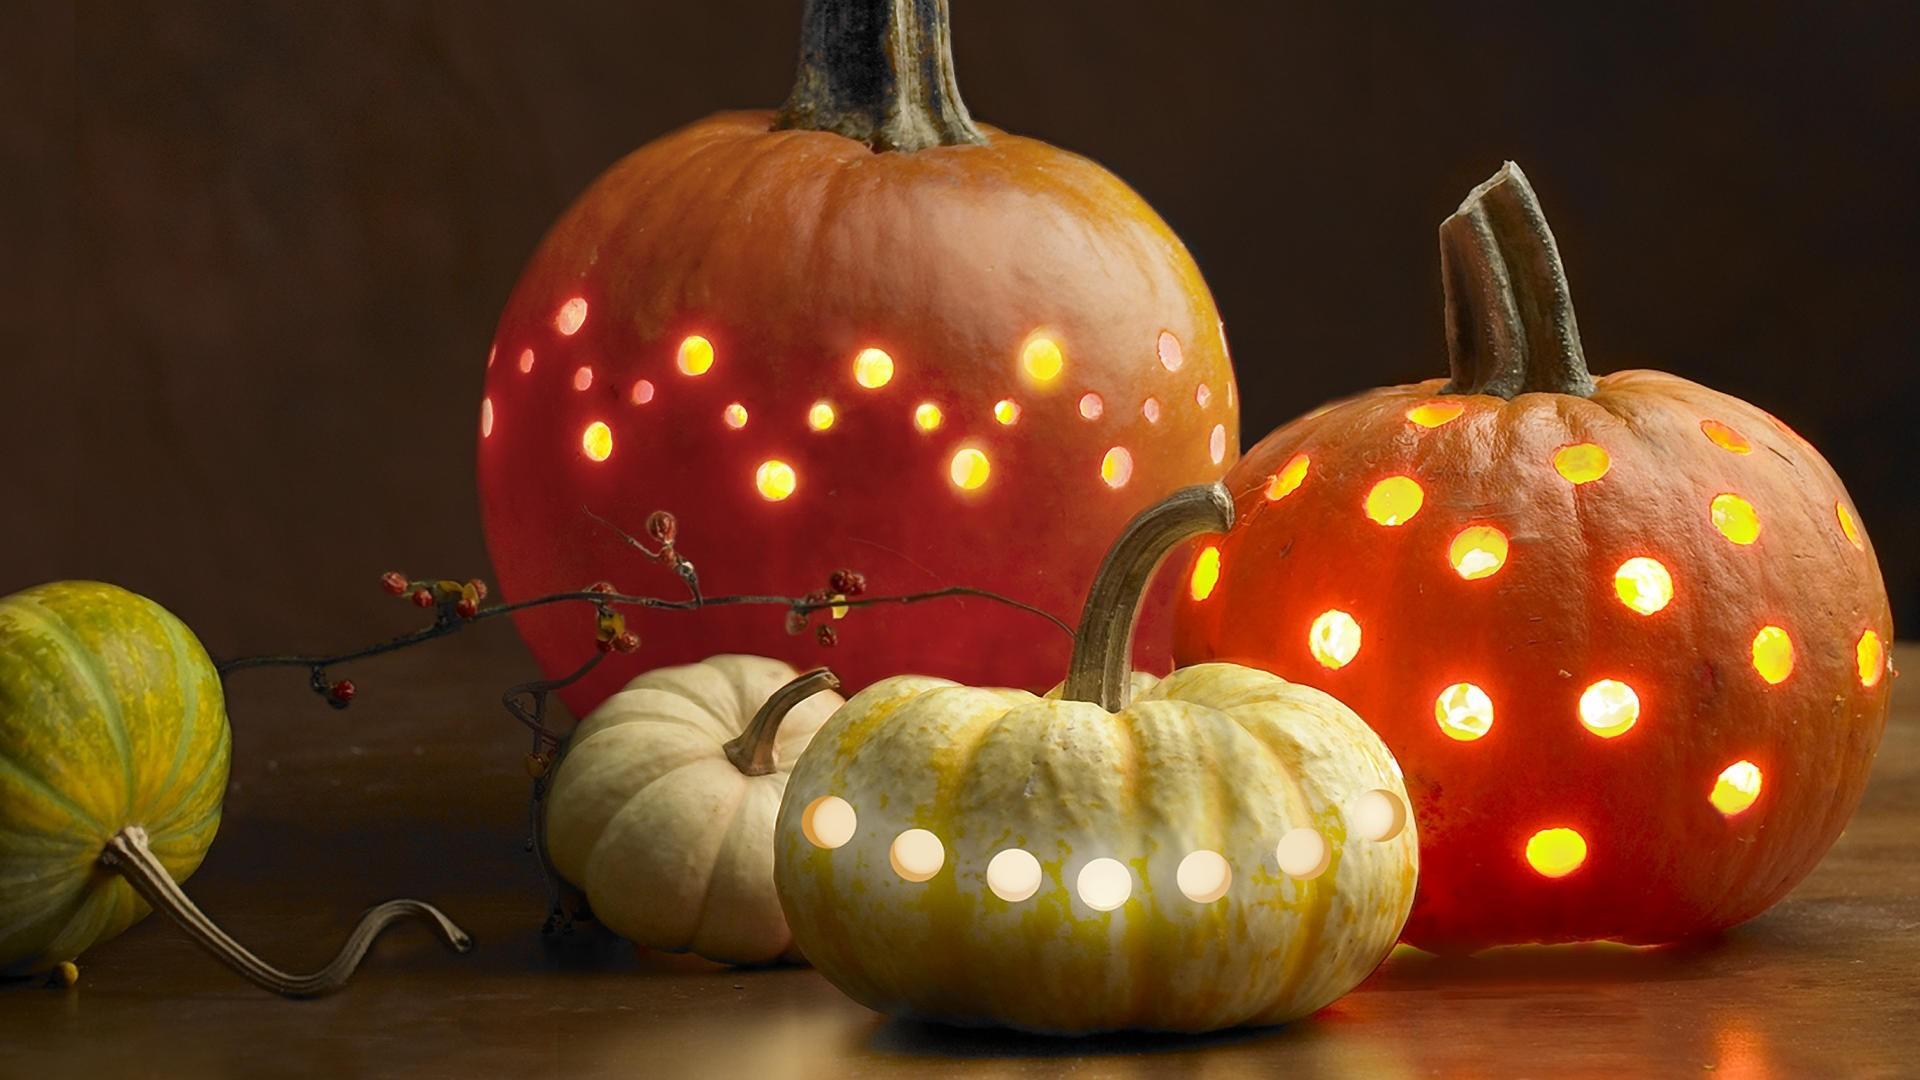 Pumpkin Lights Google Skins, Pumpkin Lights Google Backgrounds .